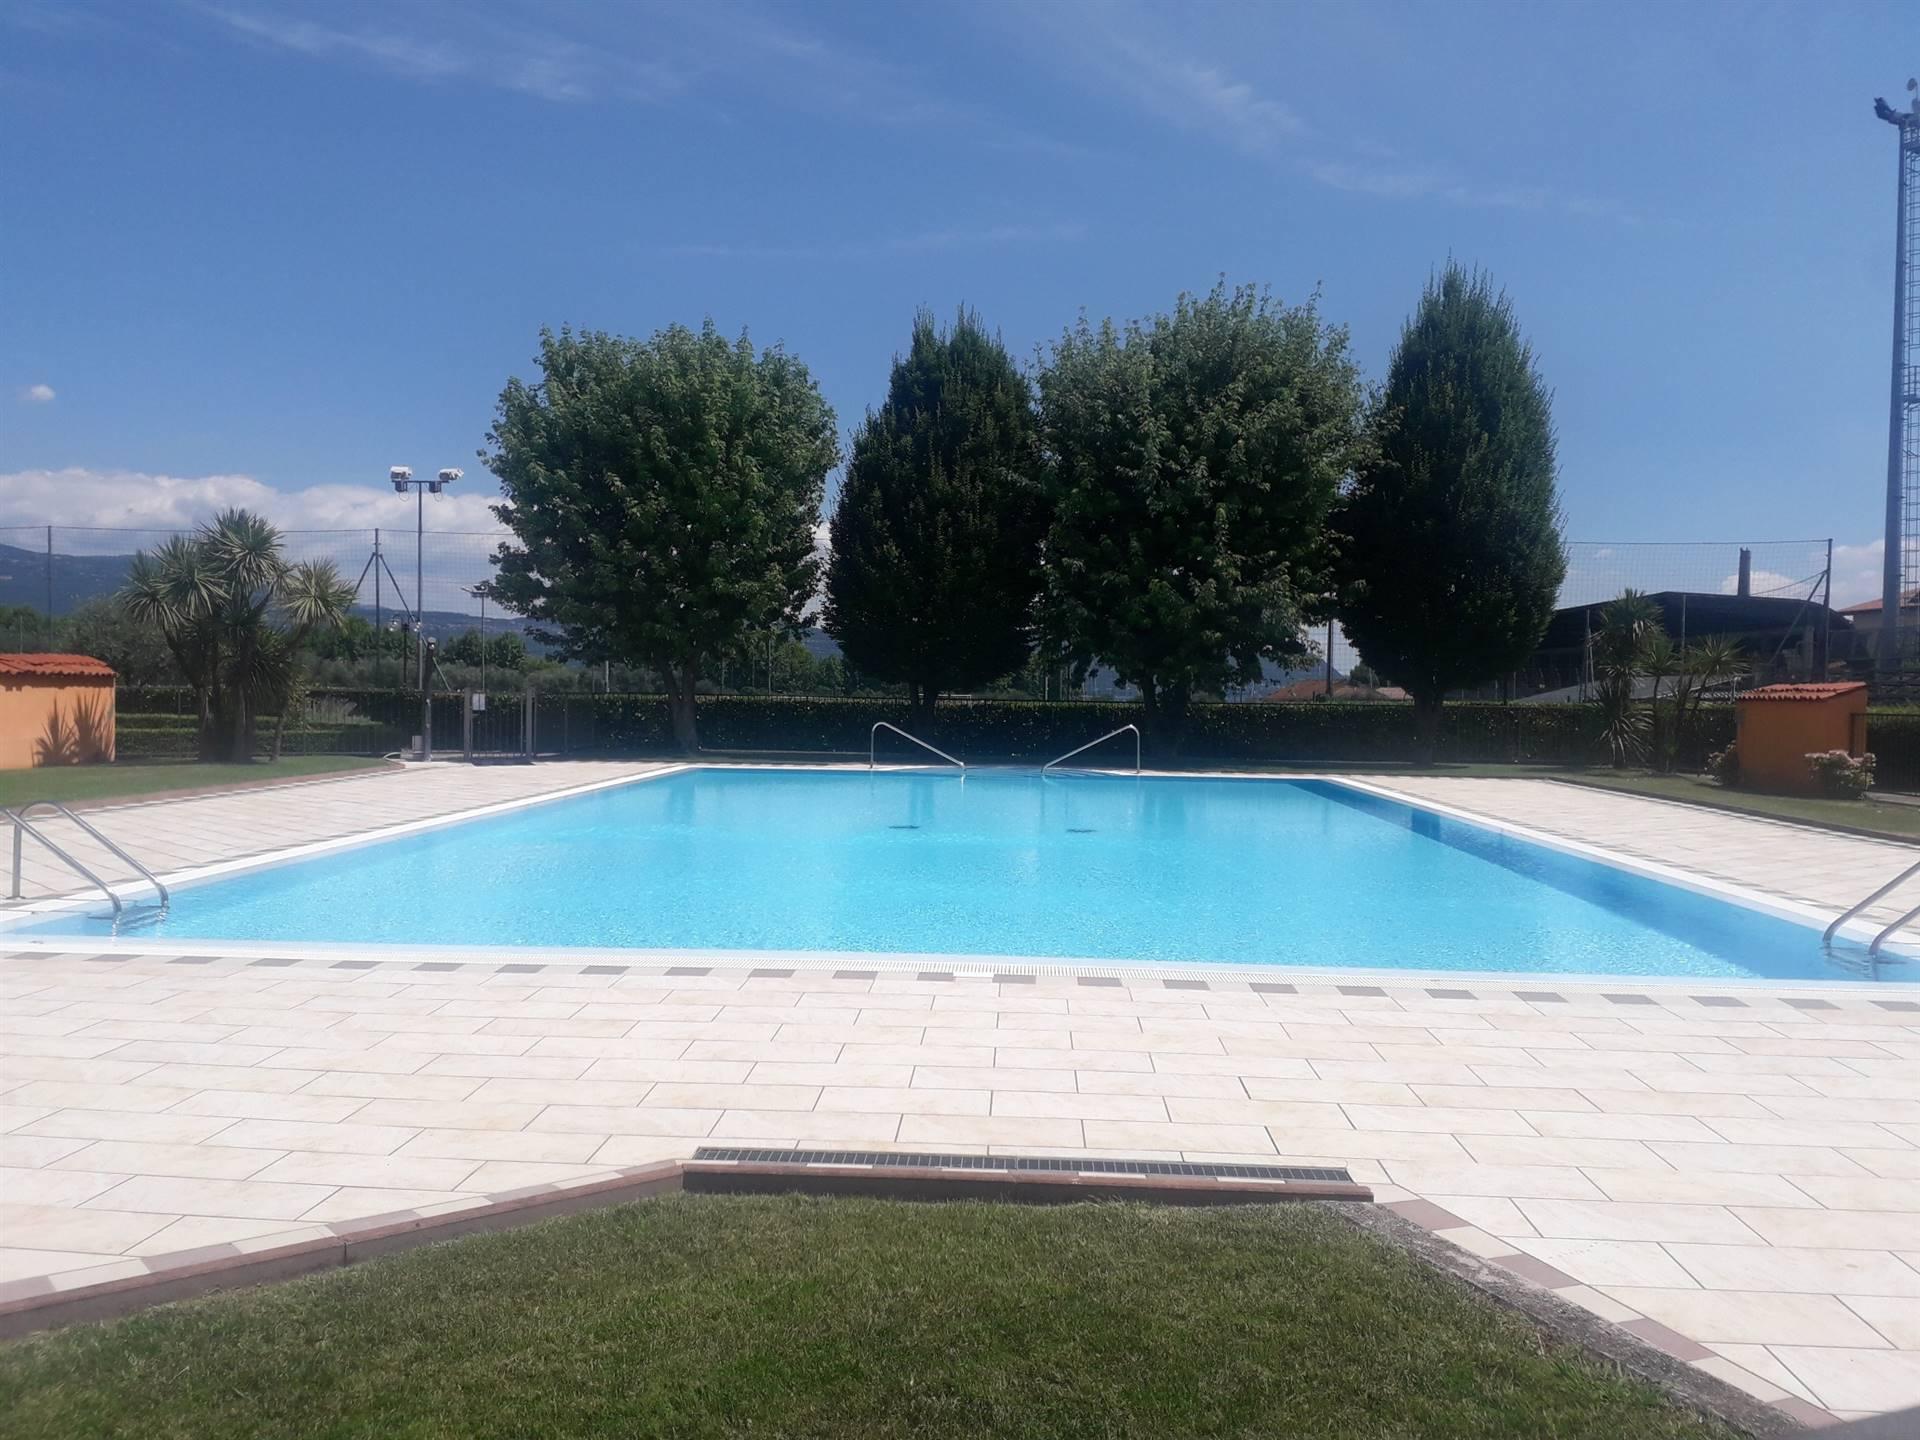 Appartamento in vendita a Toscolano-Maderno, 3 locali, zona olano, prezzo € 175.000 | PortaleAgenzieImmobiliari.it